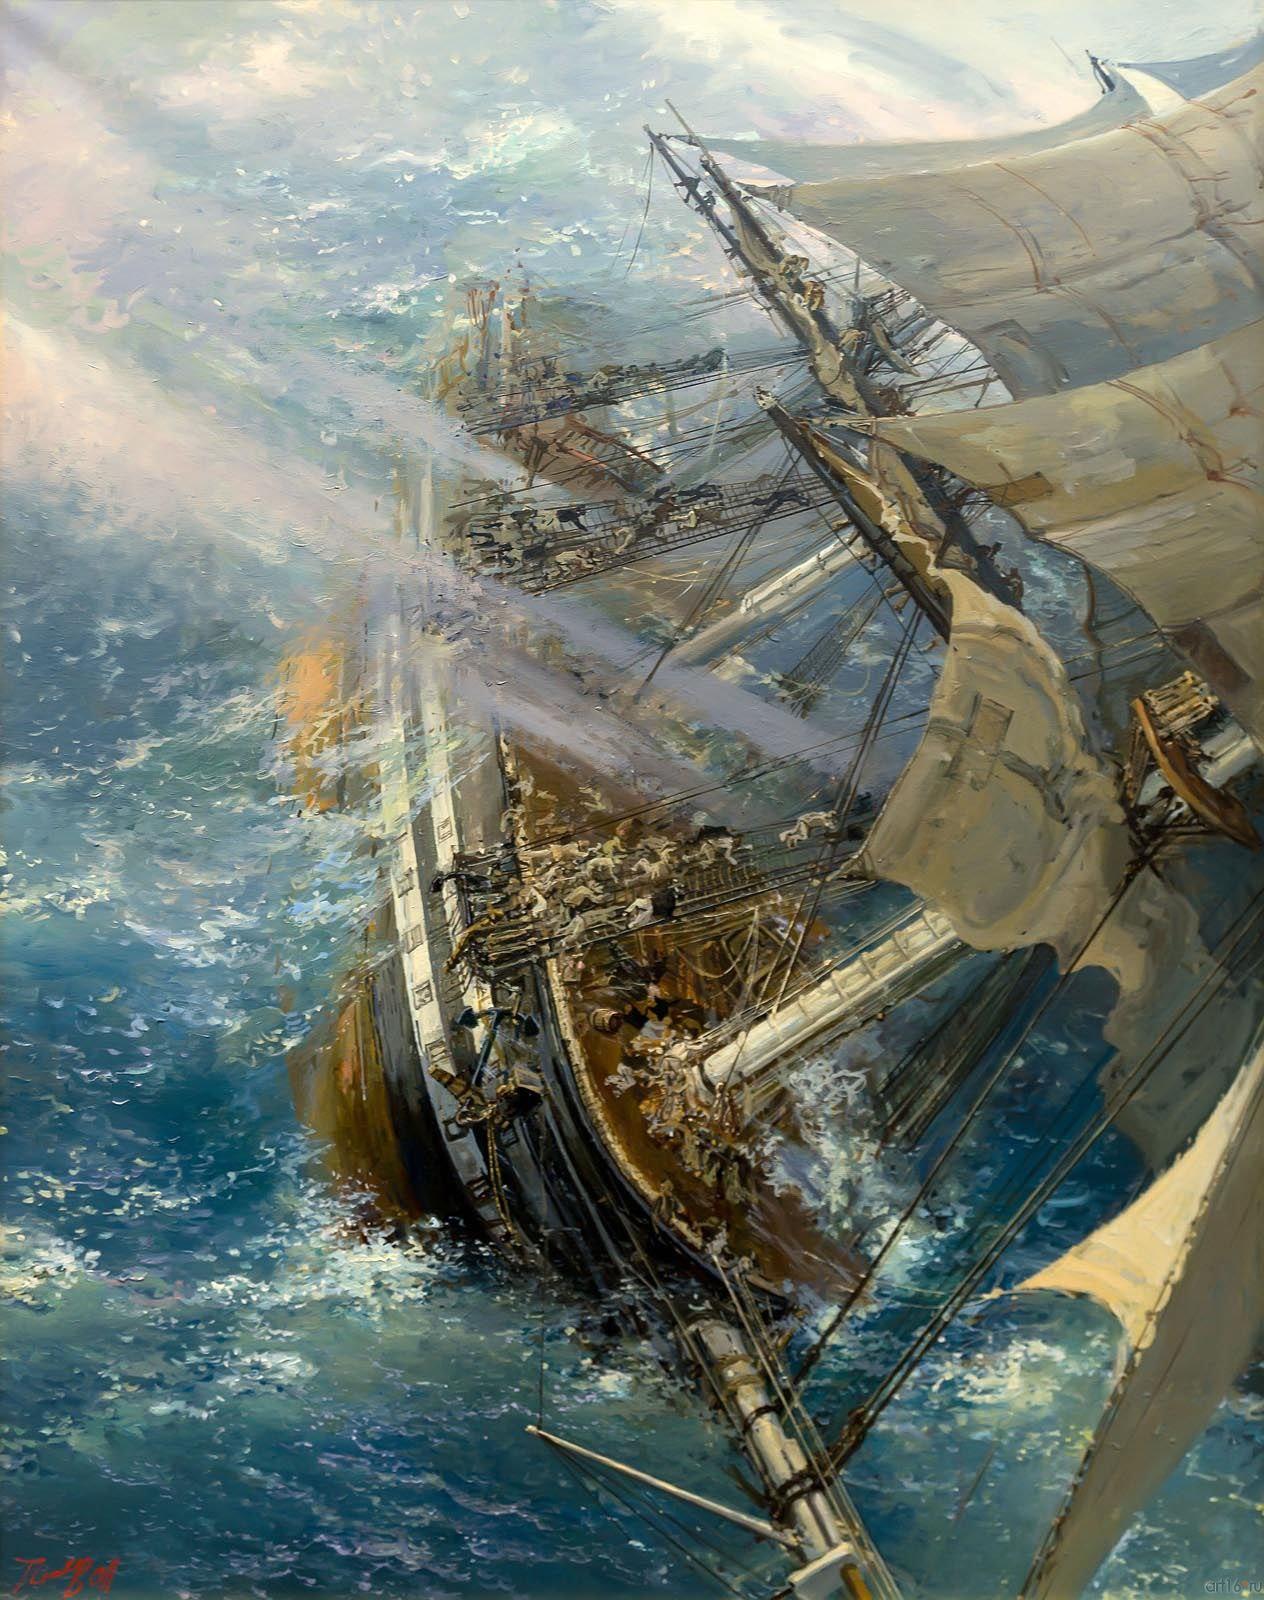 Гибель пушечного корабля Лефорт 10 сентября 1837 года. 2011.jpg